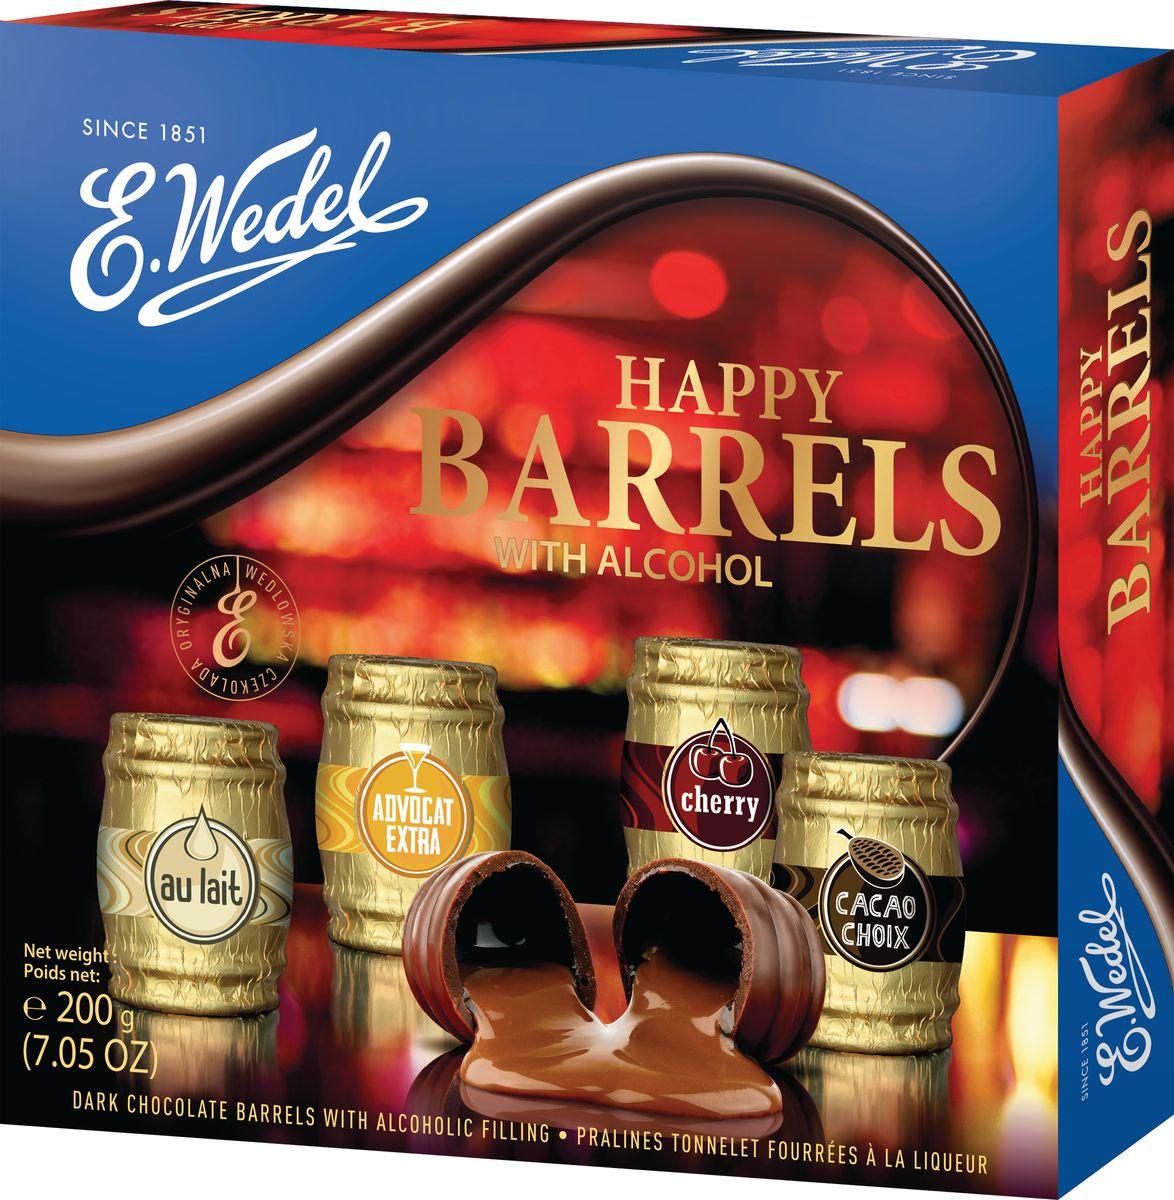 E.Wedel Happy Barrels With Alcohol Coctail ассорти шоколадных конфет с ликёрной начинкой, 200 г7.22.28Конфеты приготовлены по традиционным рецептам из темного и молочного шоколада с начинкой из ликера. Каждая конфета индивидуально упакована в разноцветную фольгу с эмблемой соответствующего элитного напитка.